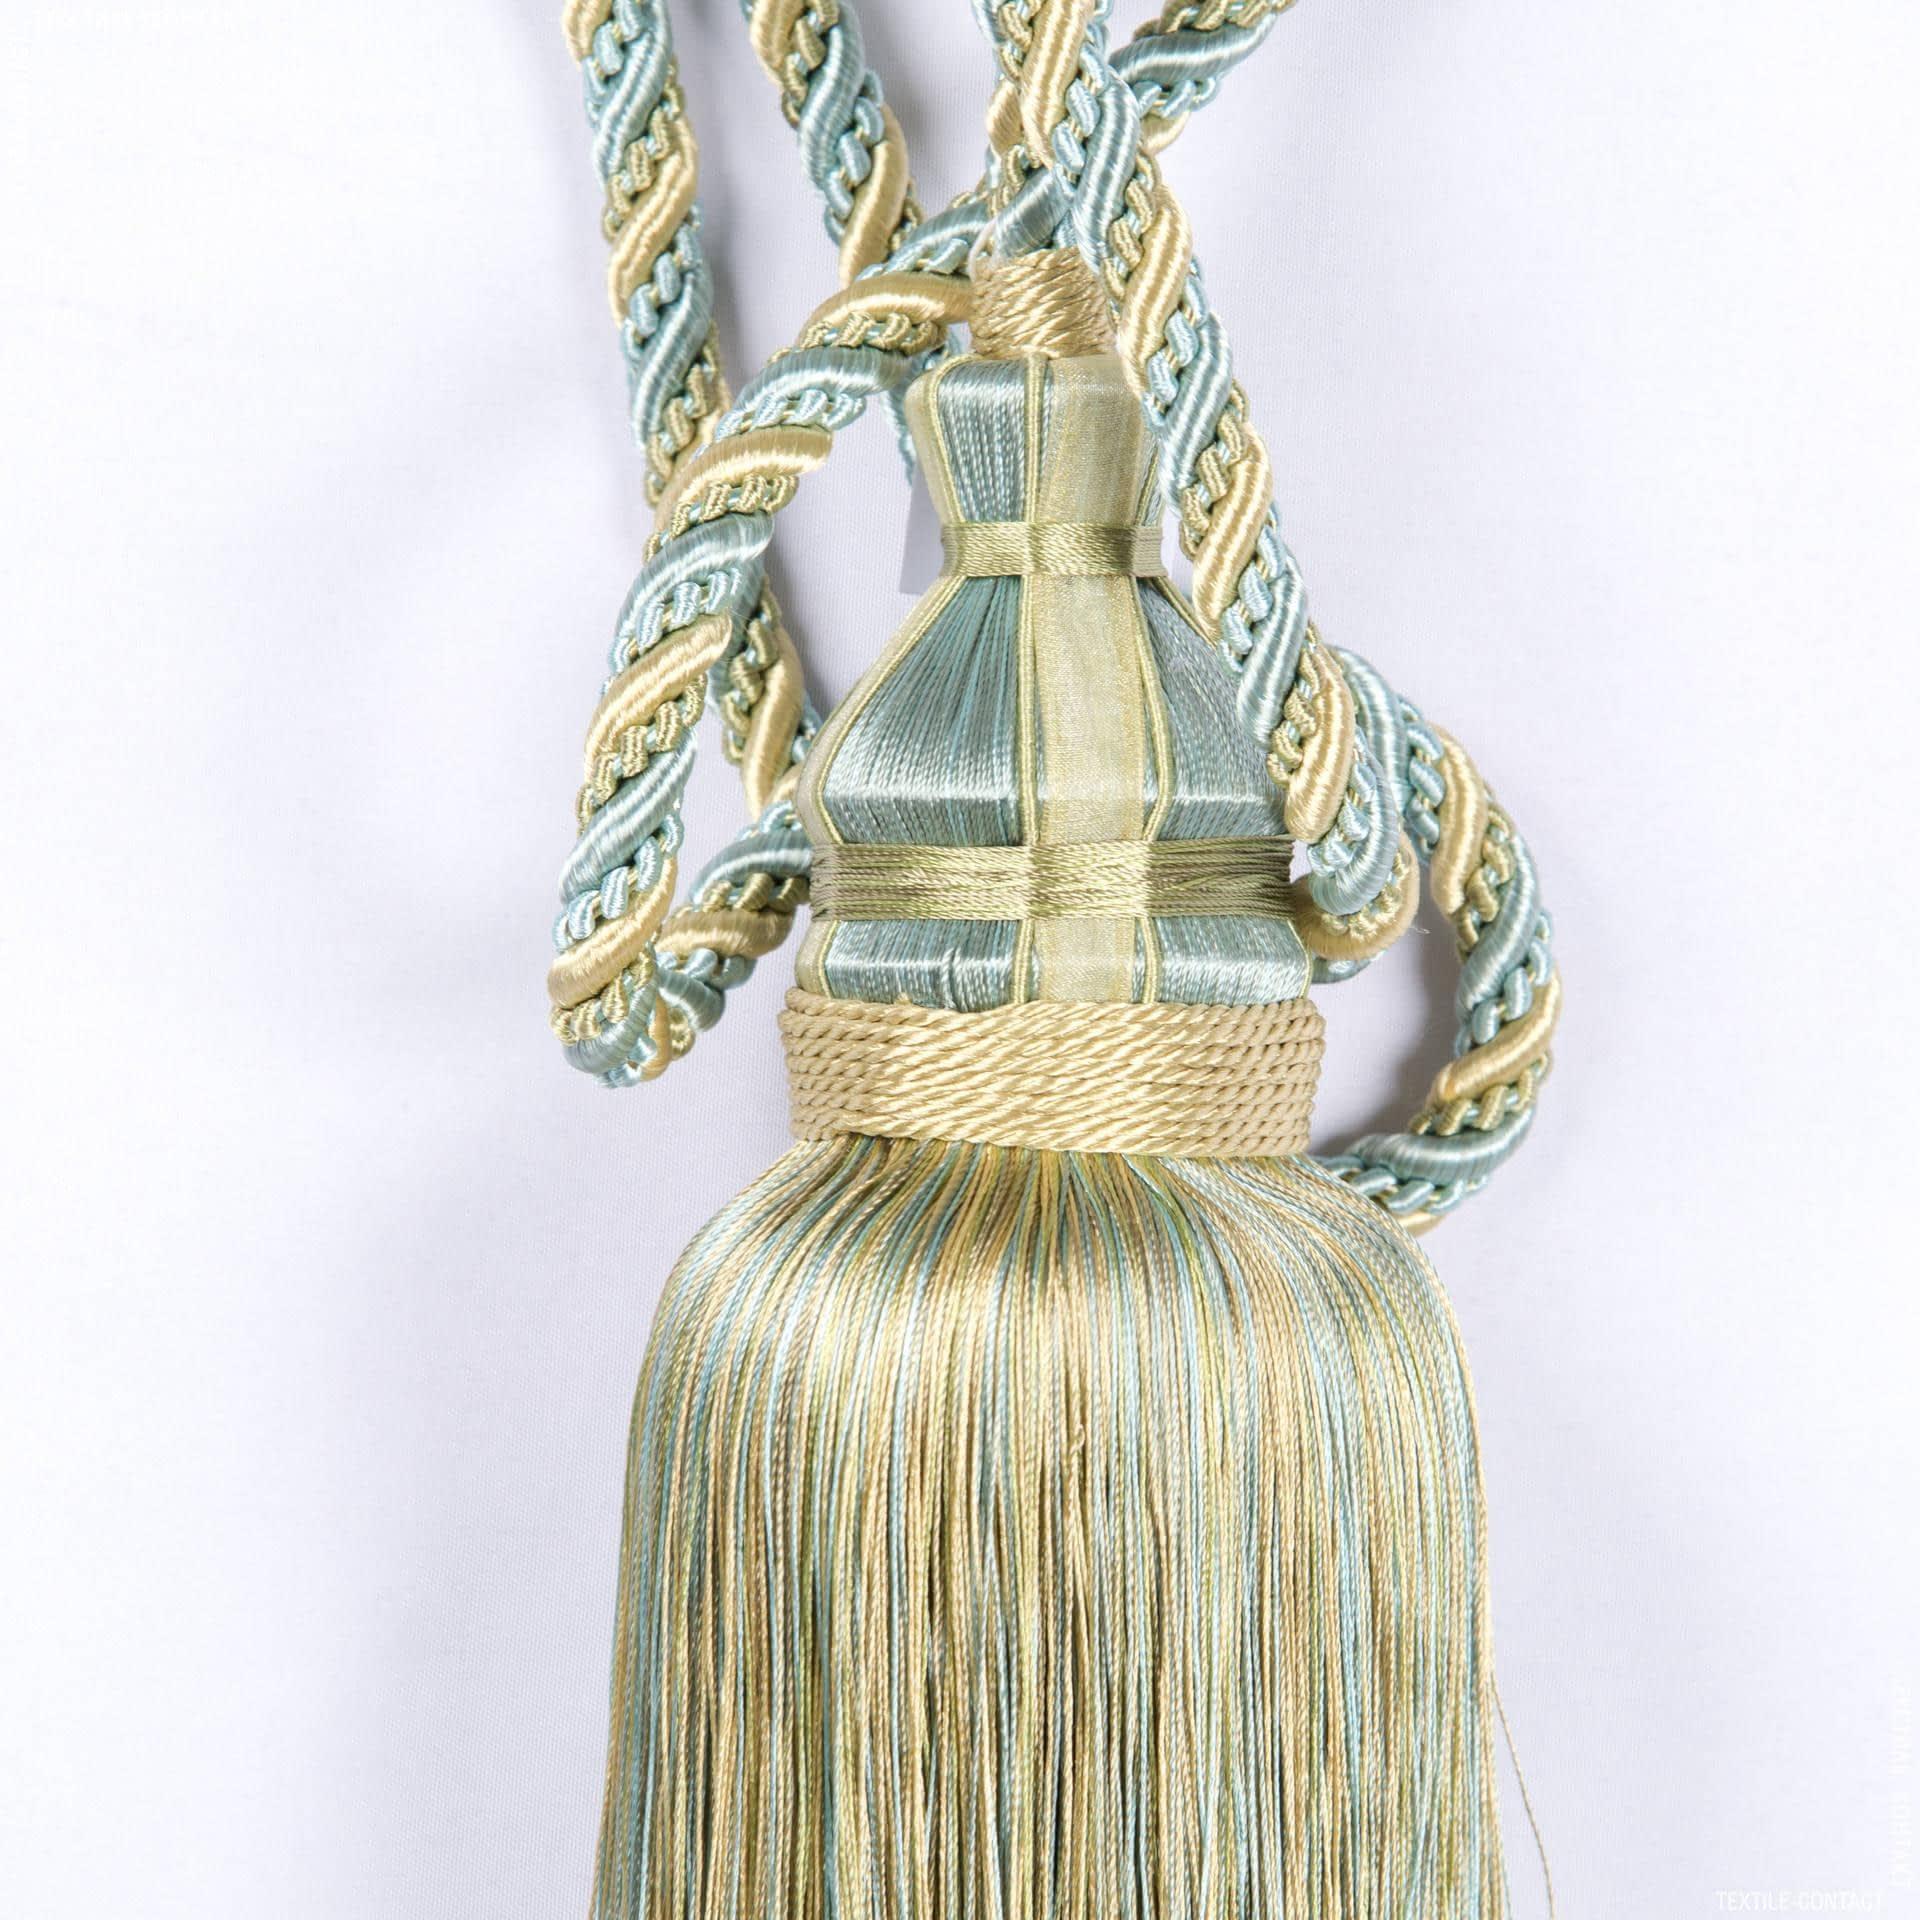 Тканини фурнітура для декора - Кисті бремен св.оливка-бірюза